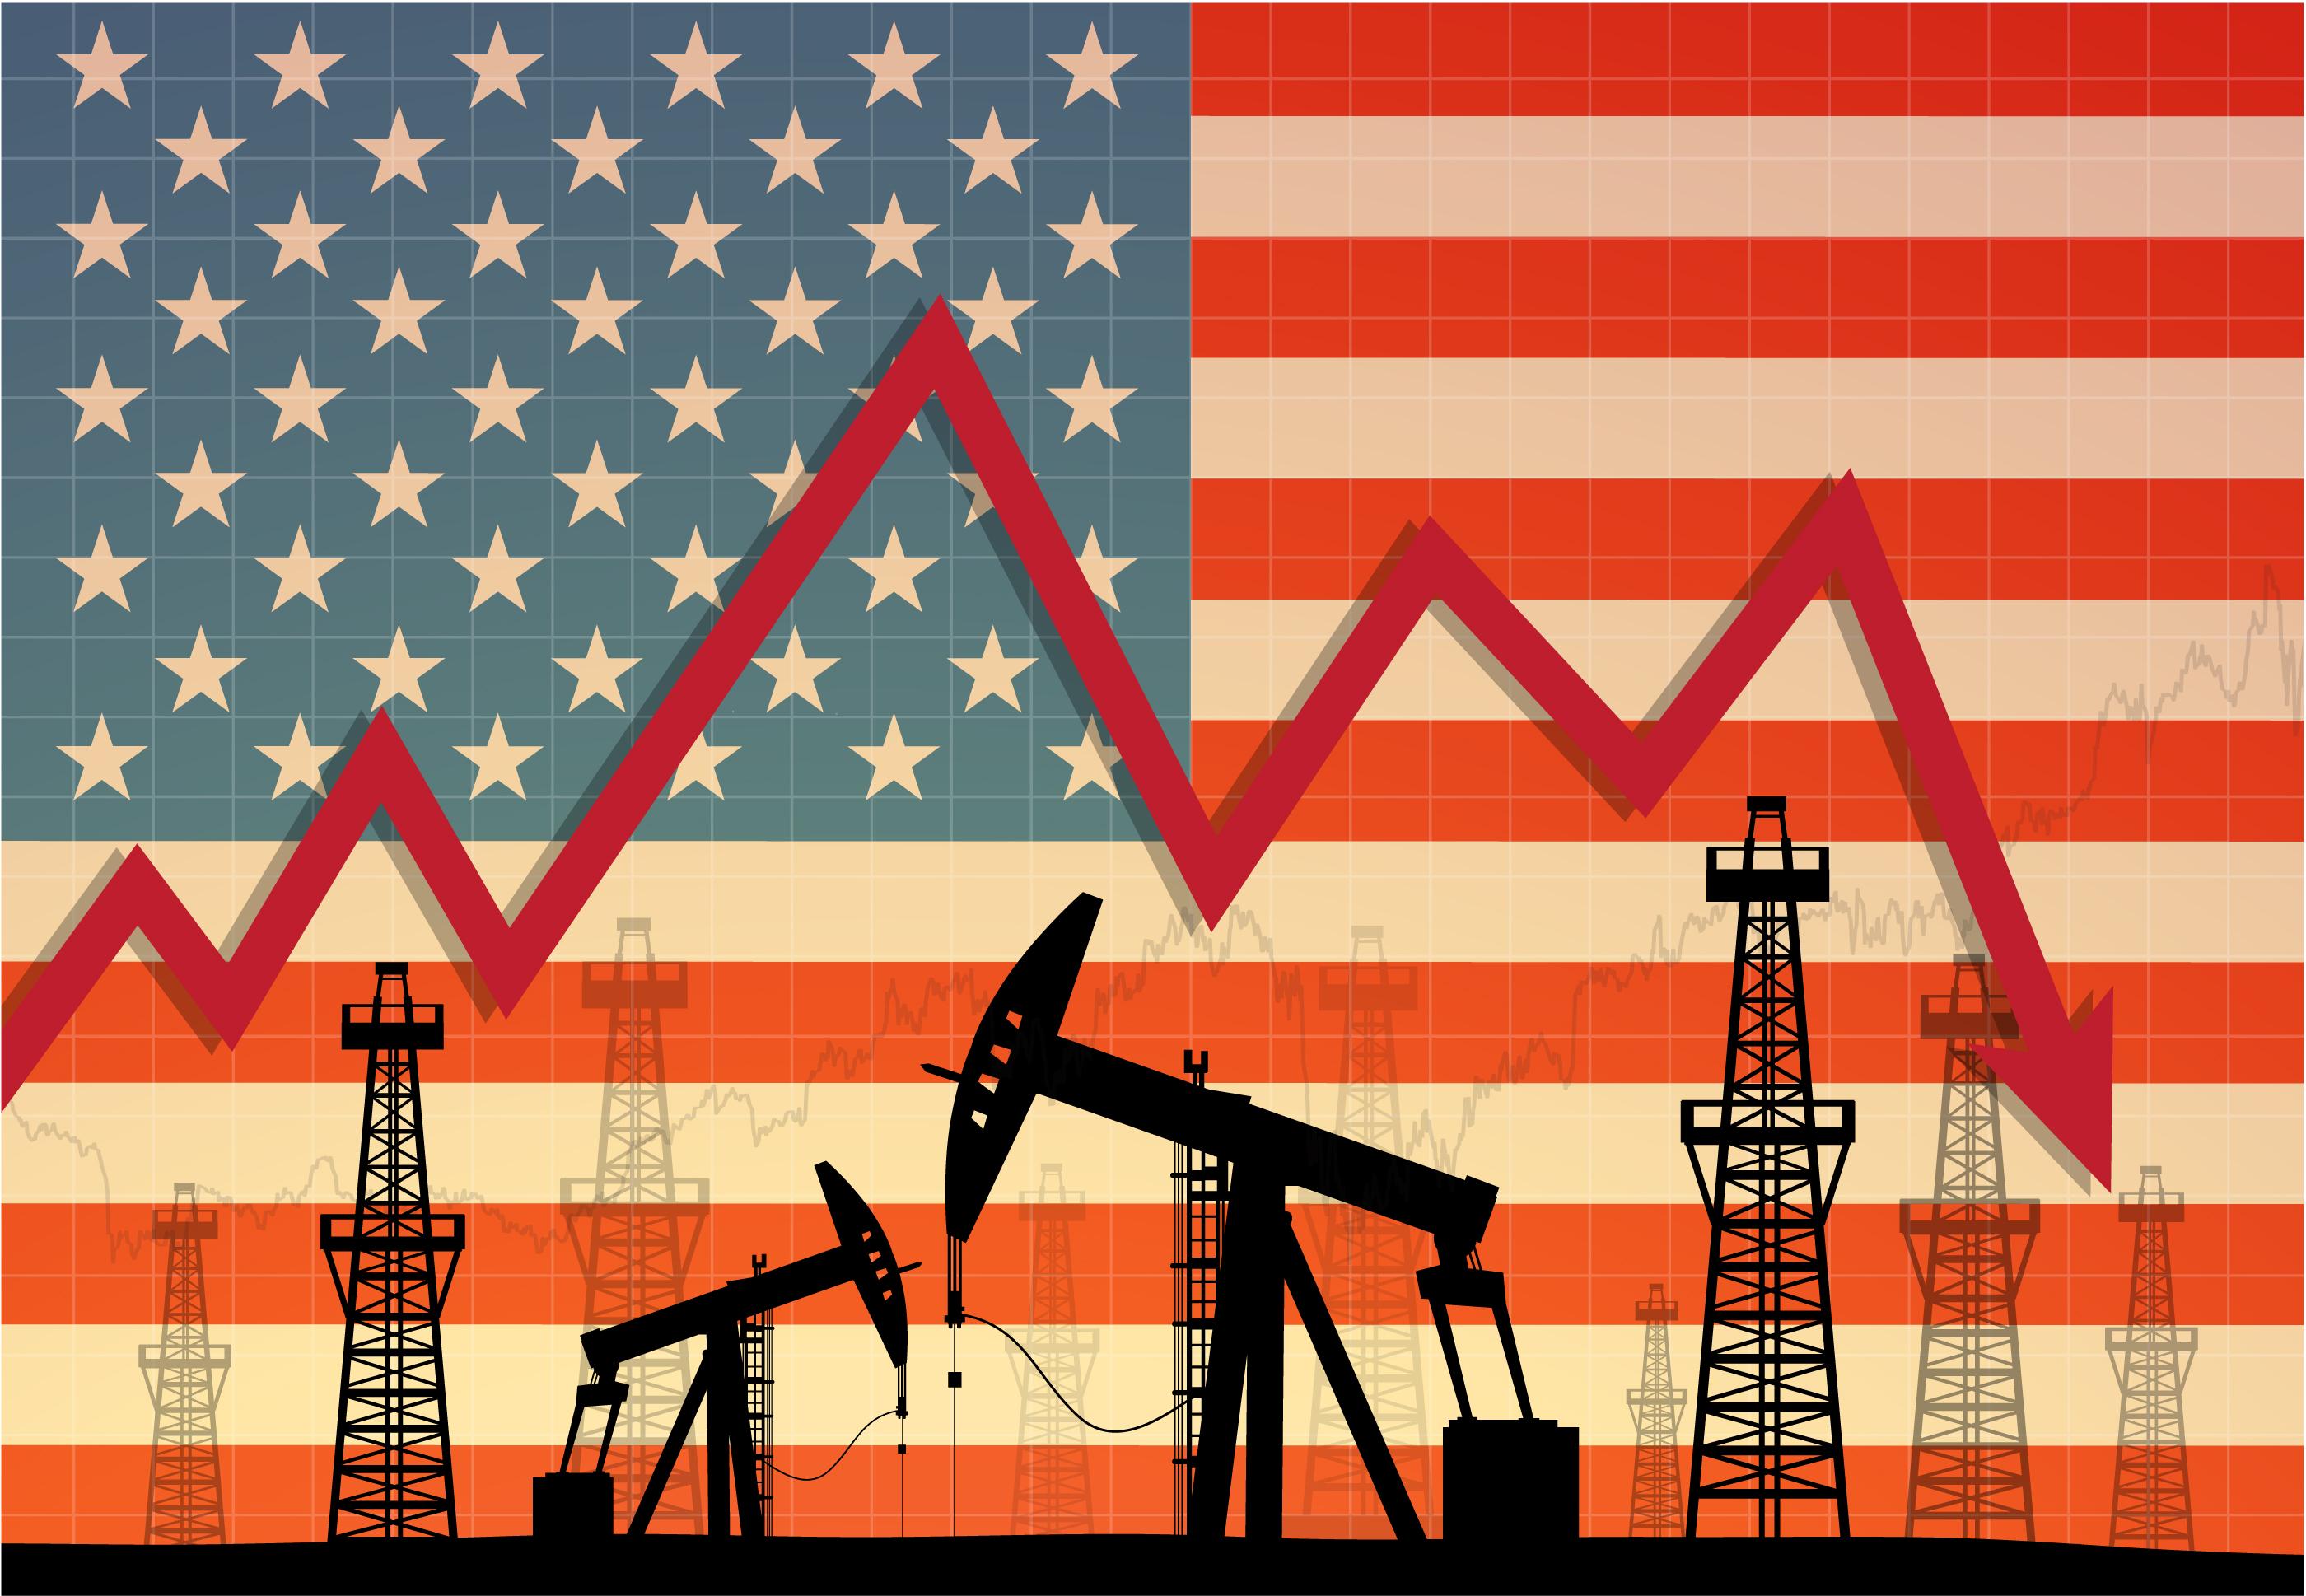 原油 飓风肆虐两周后,50%美国离岸油井仍未恢复,油价应声而起